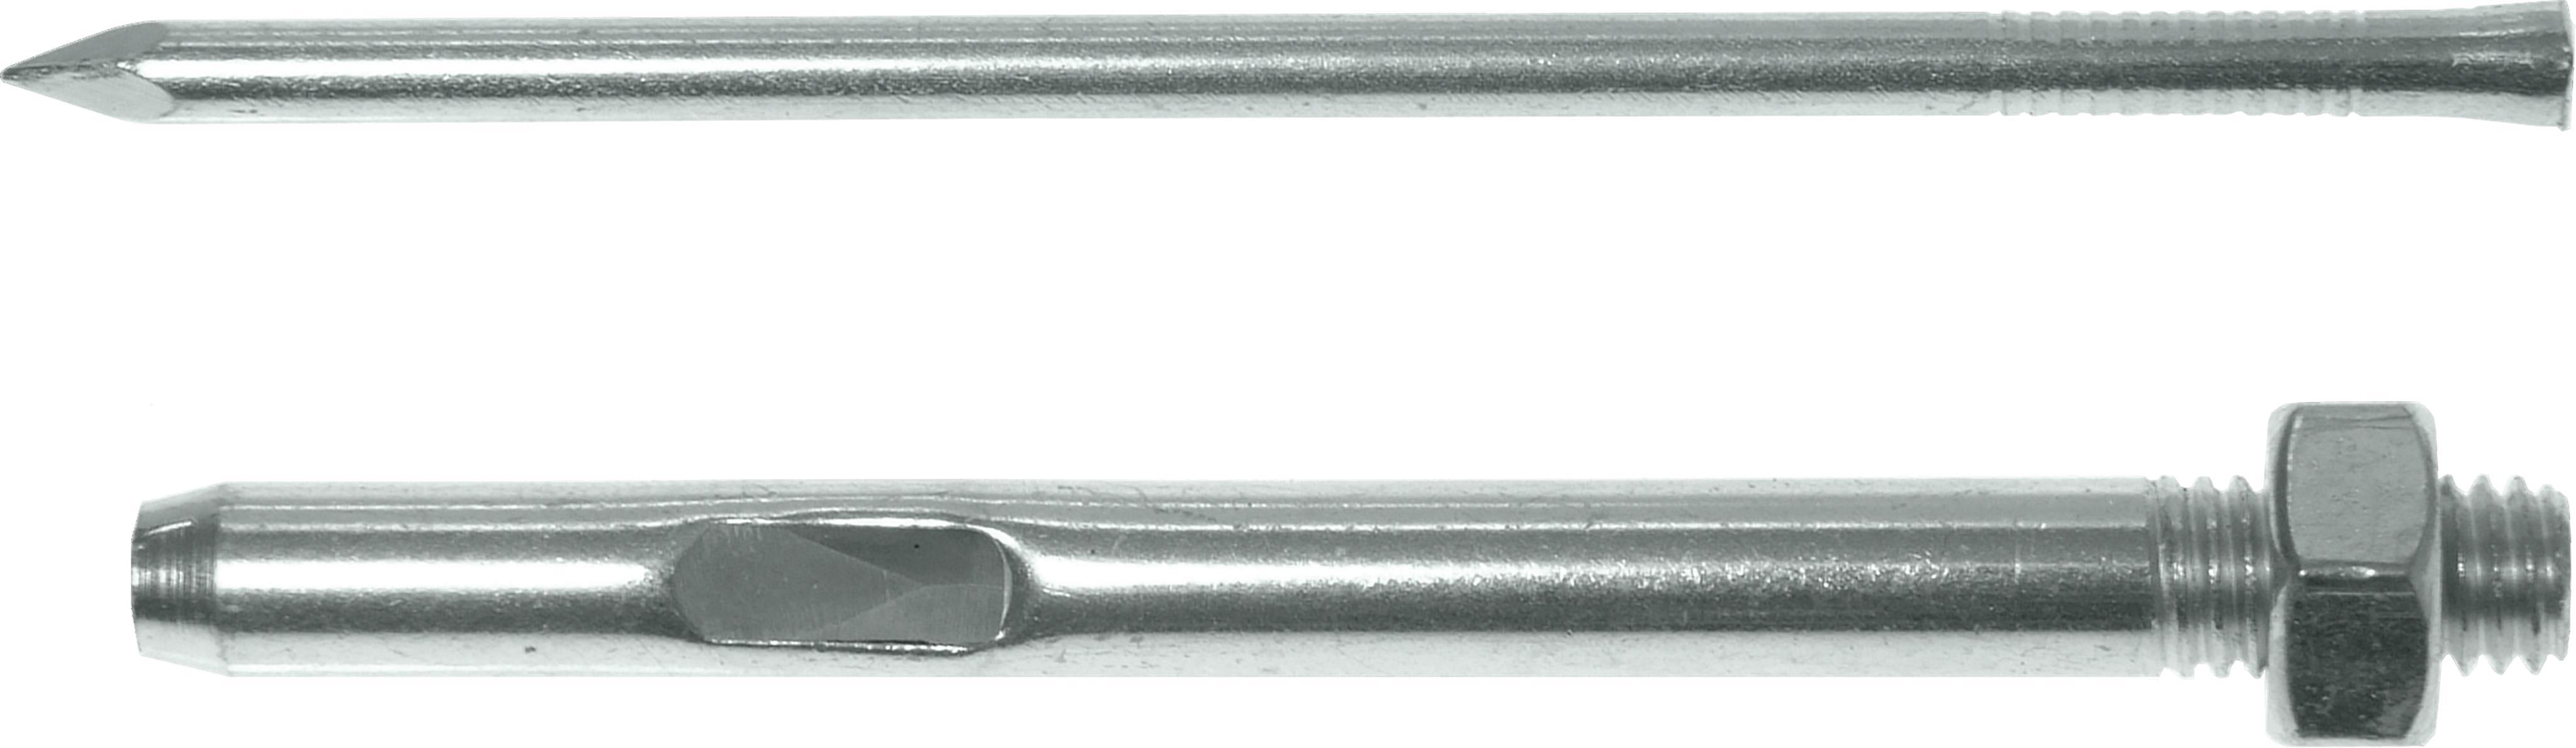 Gunnebo Z400531 Hemaspik FZB 50-pack 90 x 8 mm med gänga